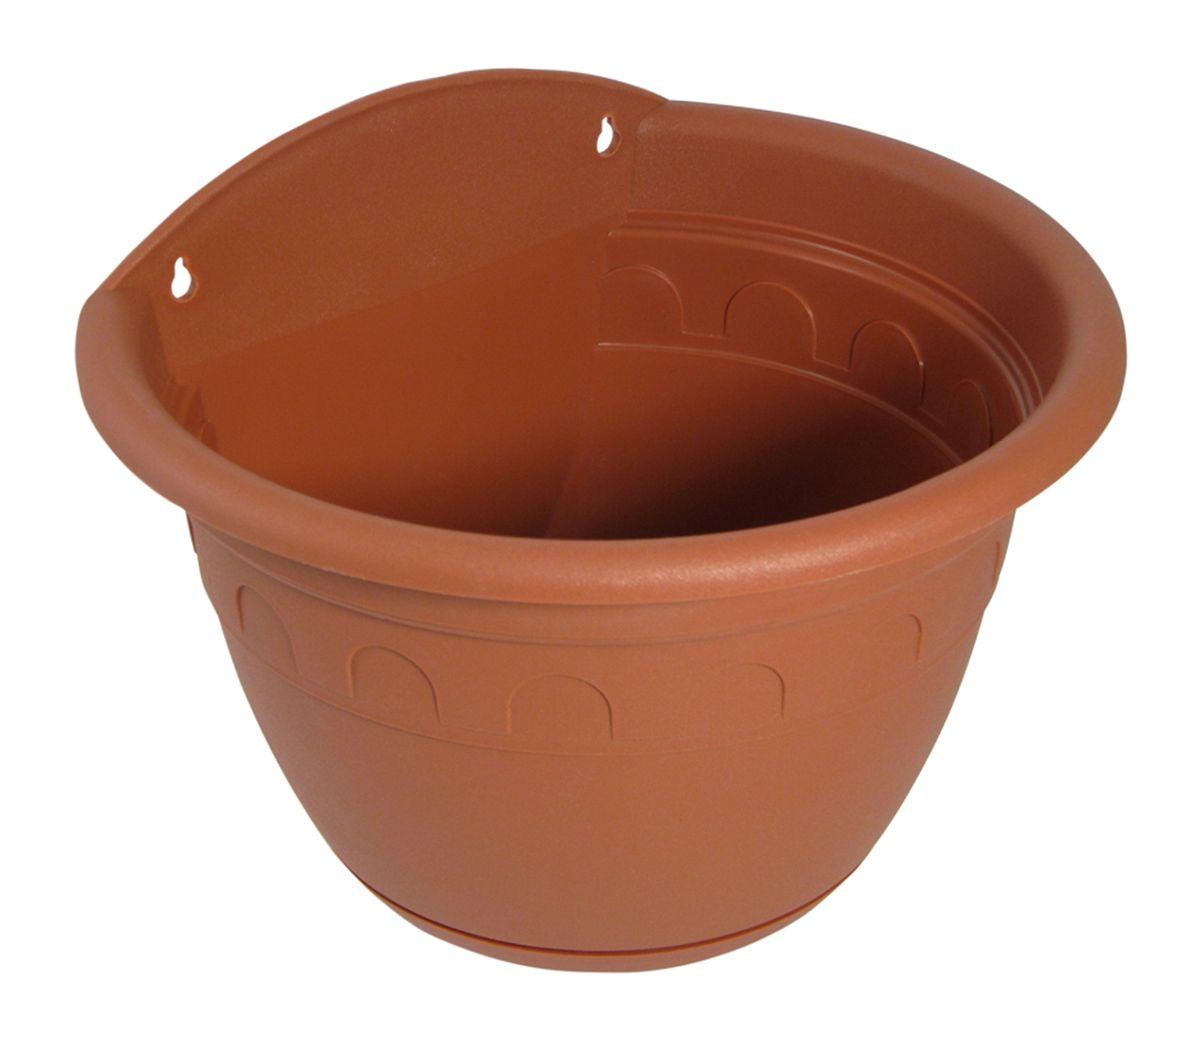 Кашпо настенное Martika Колывань, цвет: терракотовый, 950 млMRC111TНастенное кашпо Martika Колывань изготовлено из высококачественного пластика и имеет два удобных отверстия для крепления.Изделие прекрасно подойдет для выращивания растений дома и на приусадебных участках. Диаметр (по верхнему краю): 16 см.Высота: 12 см.